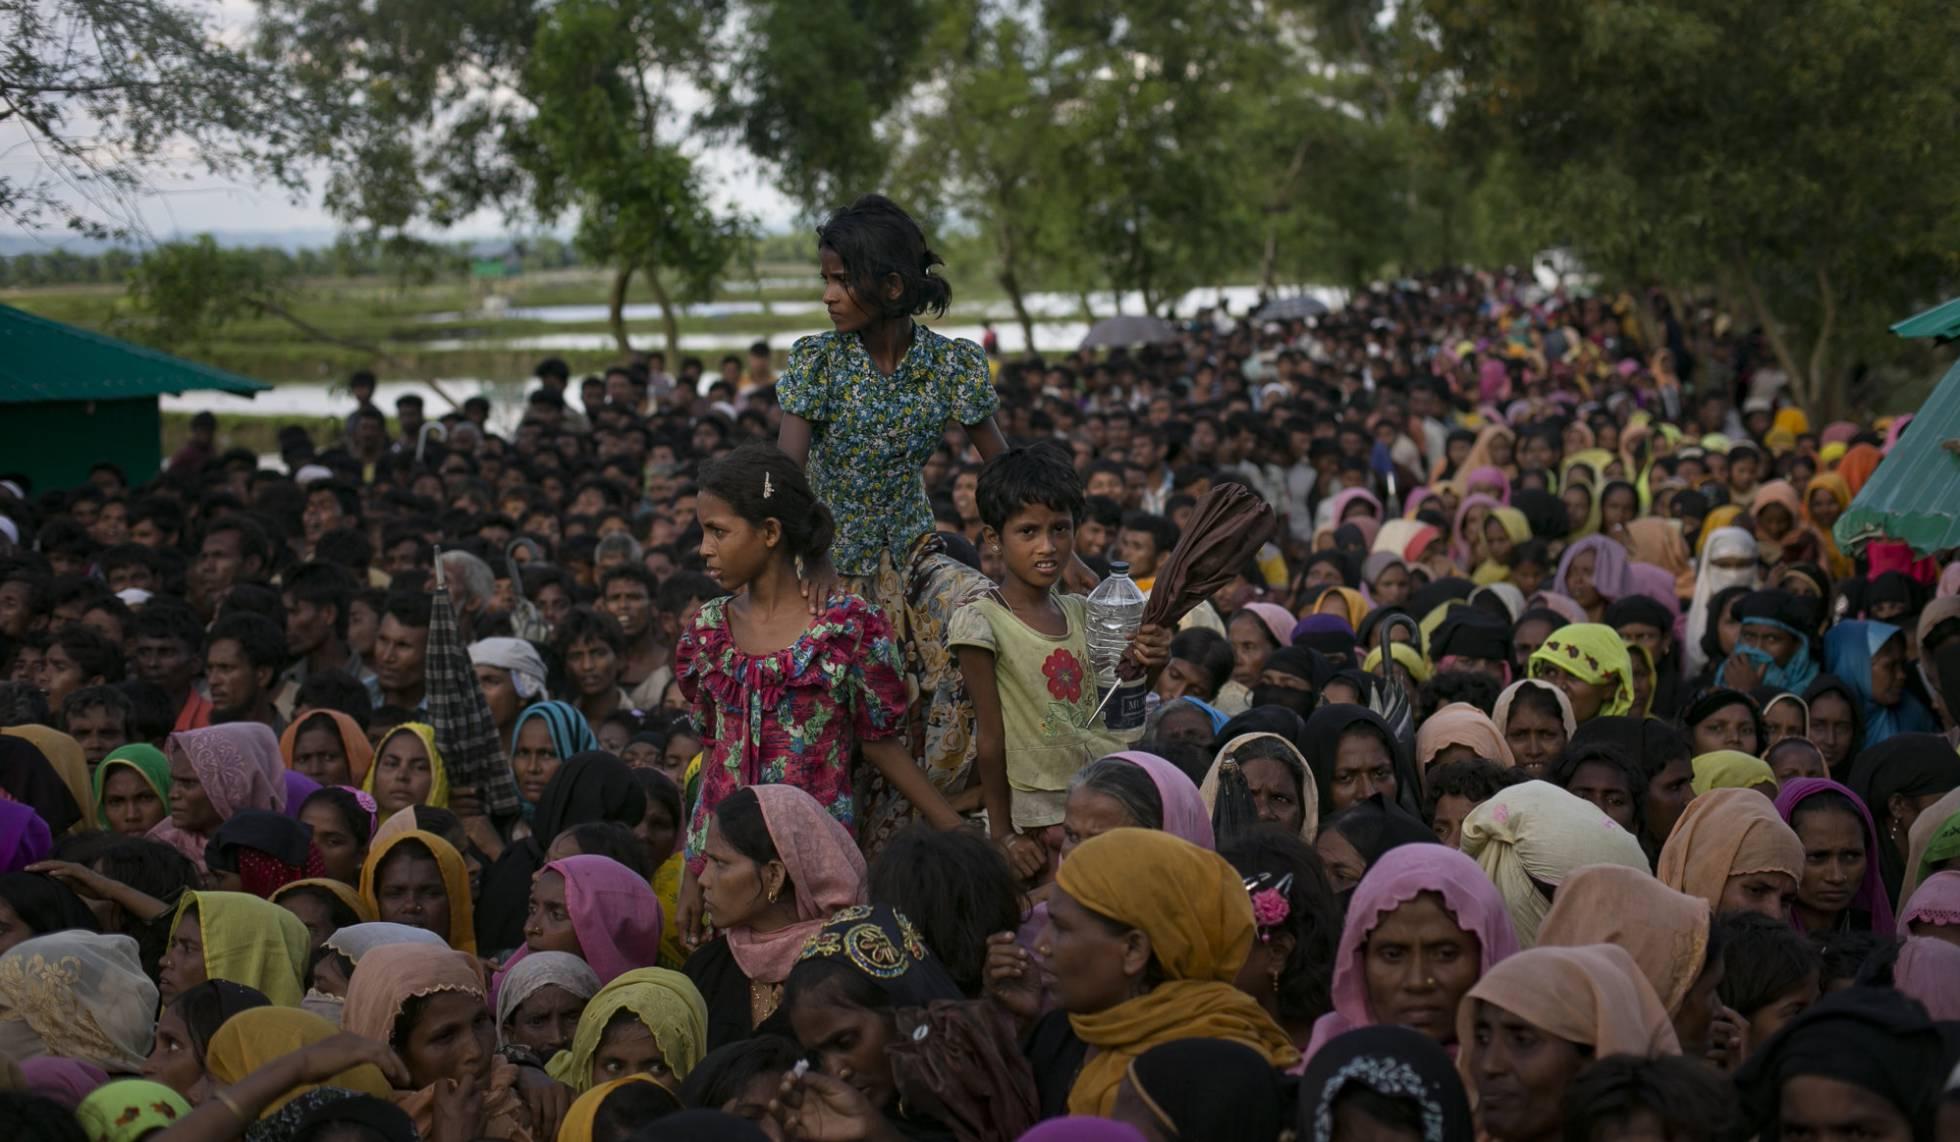 Conflicto en Birmania 1505330379_023649_1505330692_noticia_normal_recorte1